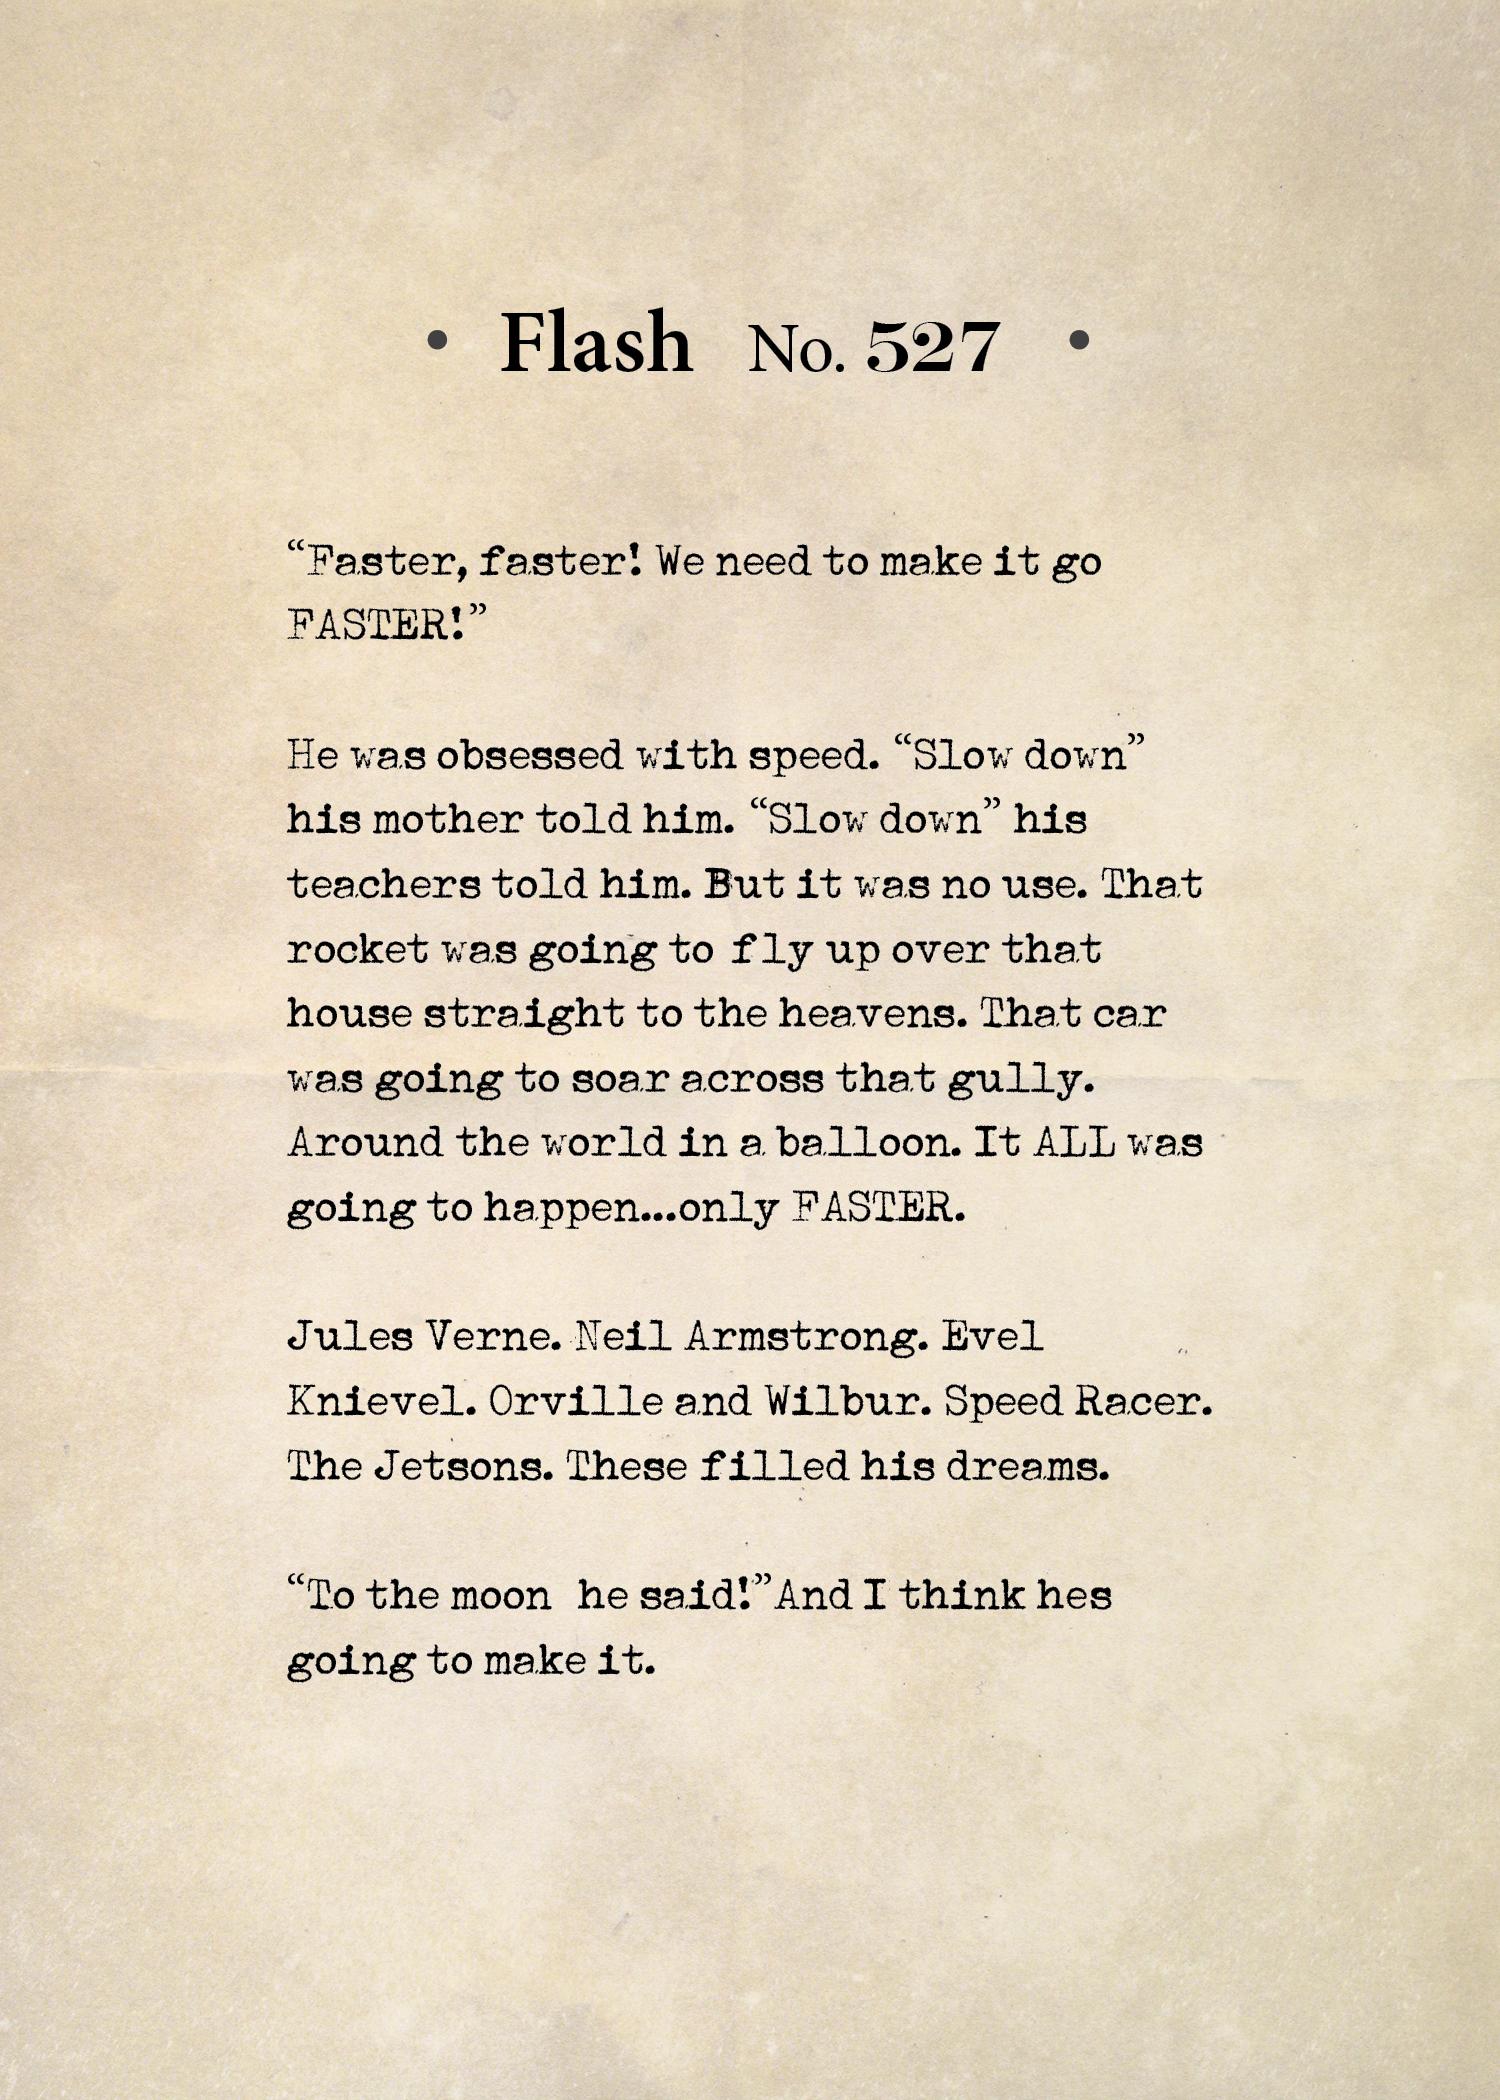 Flash No. 527